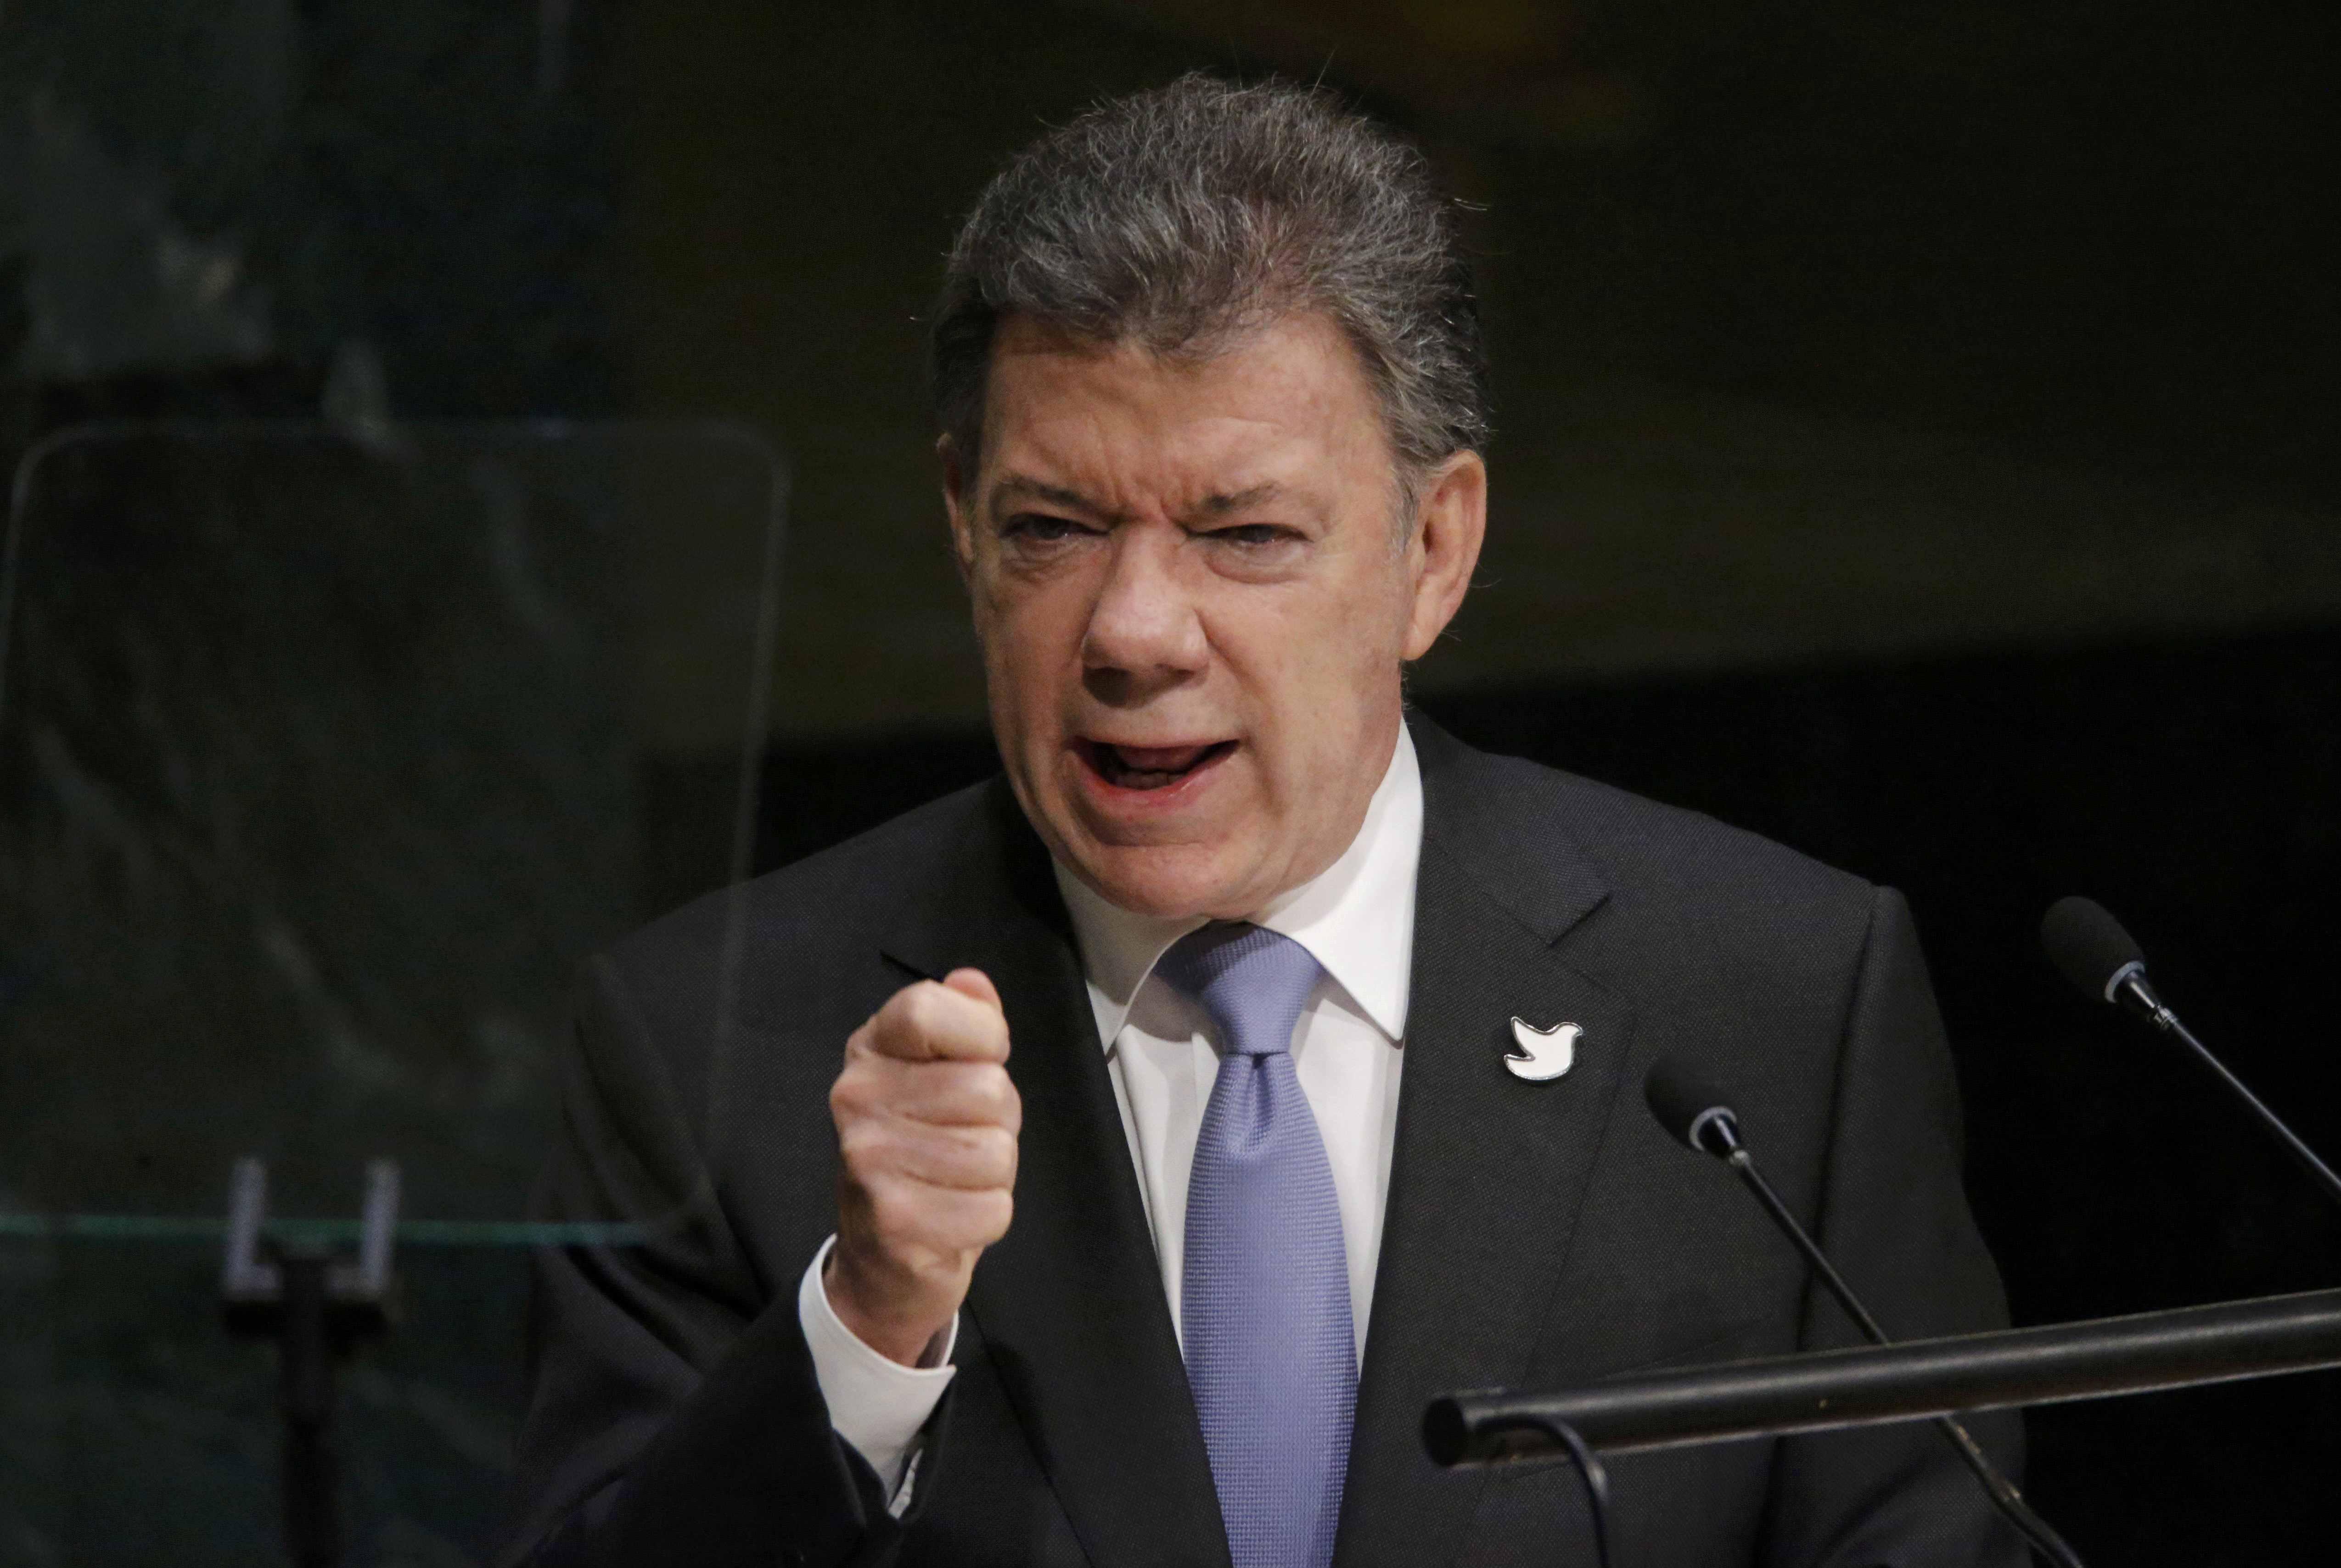 El cese bilateral ha sido reclamado en reiteradas ocasiones por la guerrilla para reducir la intensidad del conflicto armado. Foto: REUTERS.